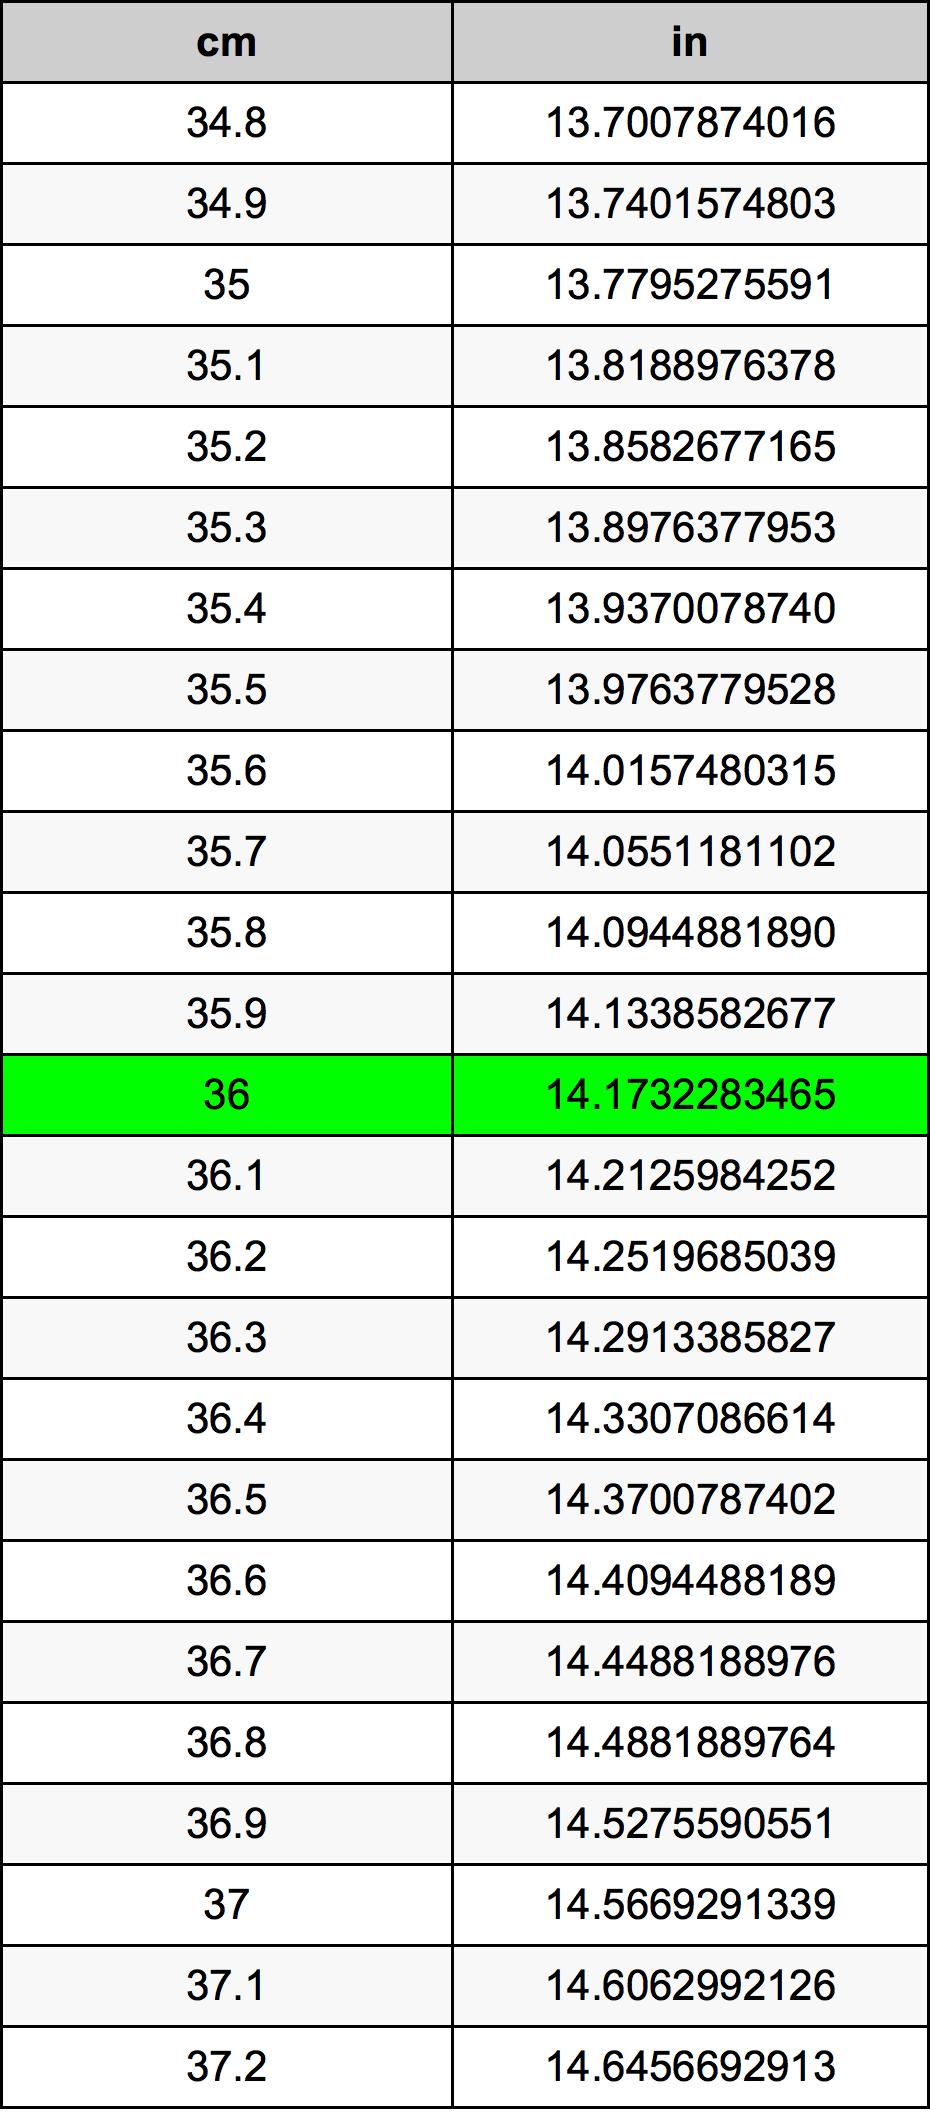 36 Centiméter átszámítási táblázat